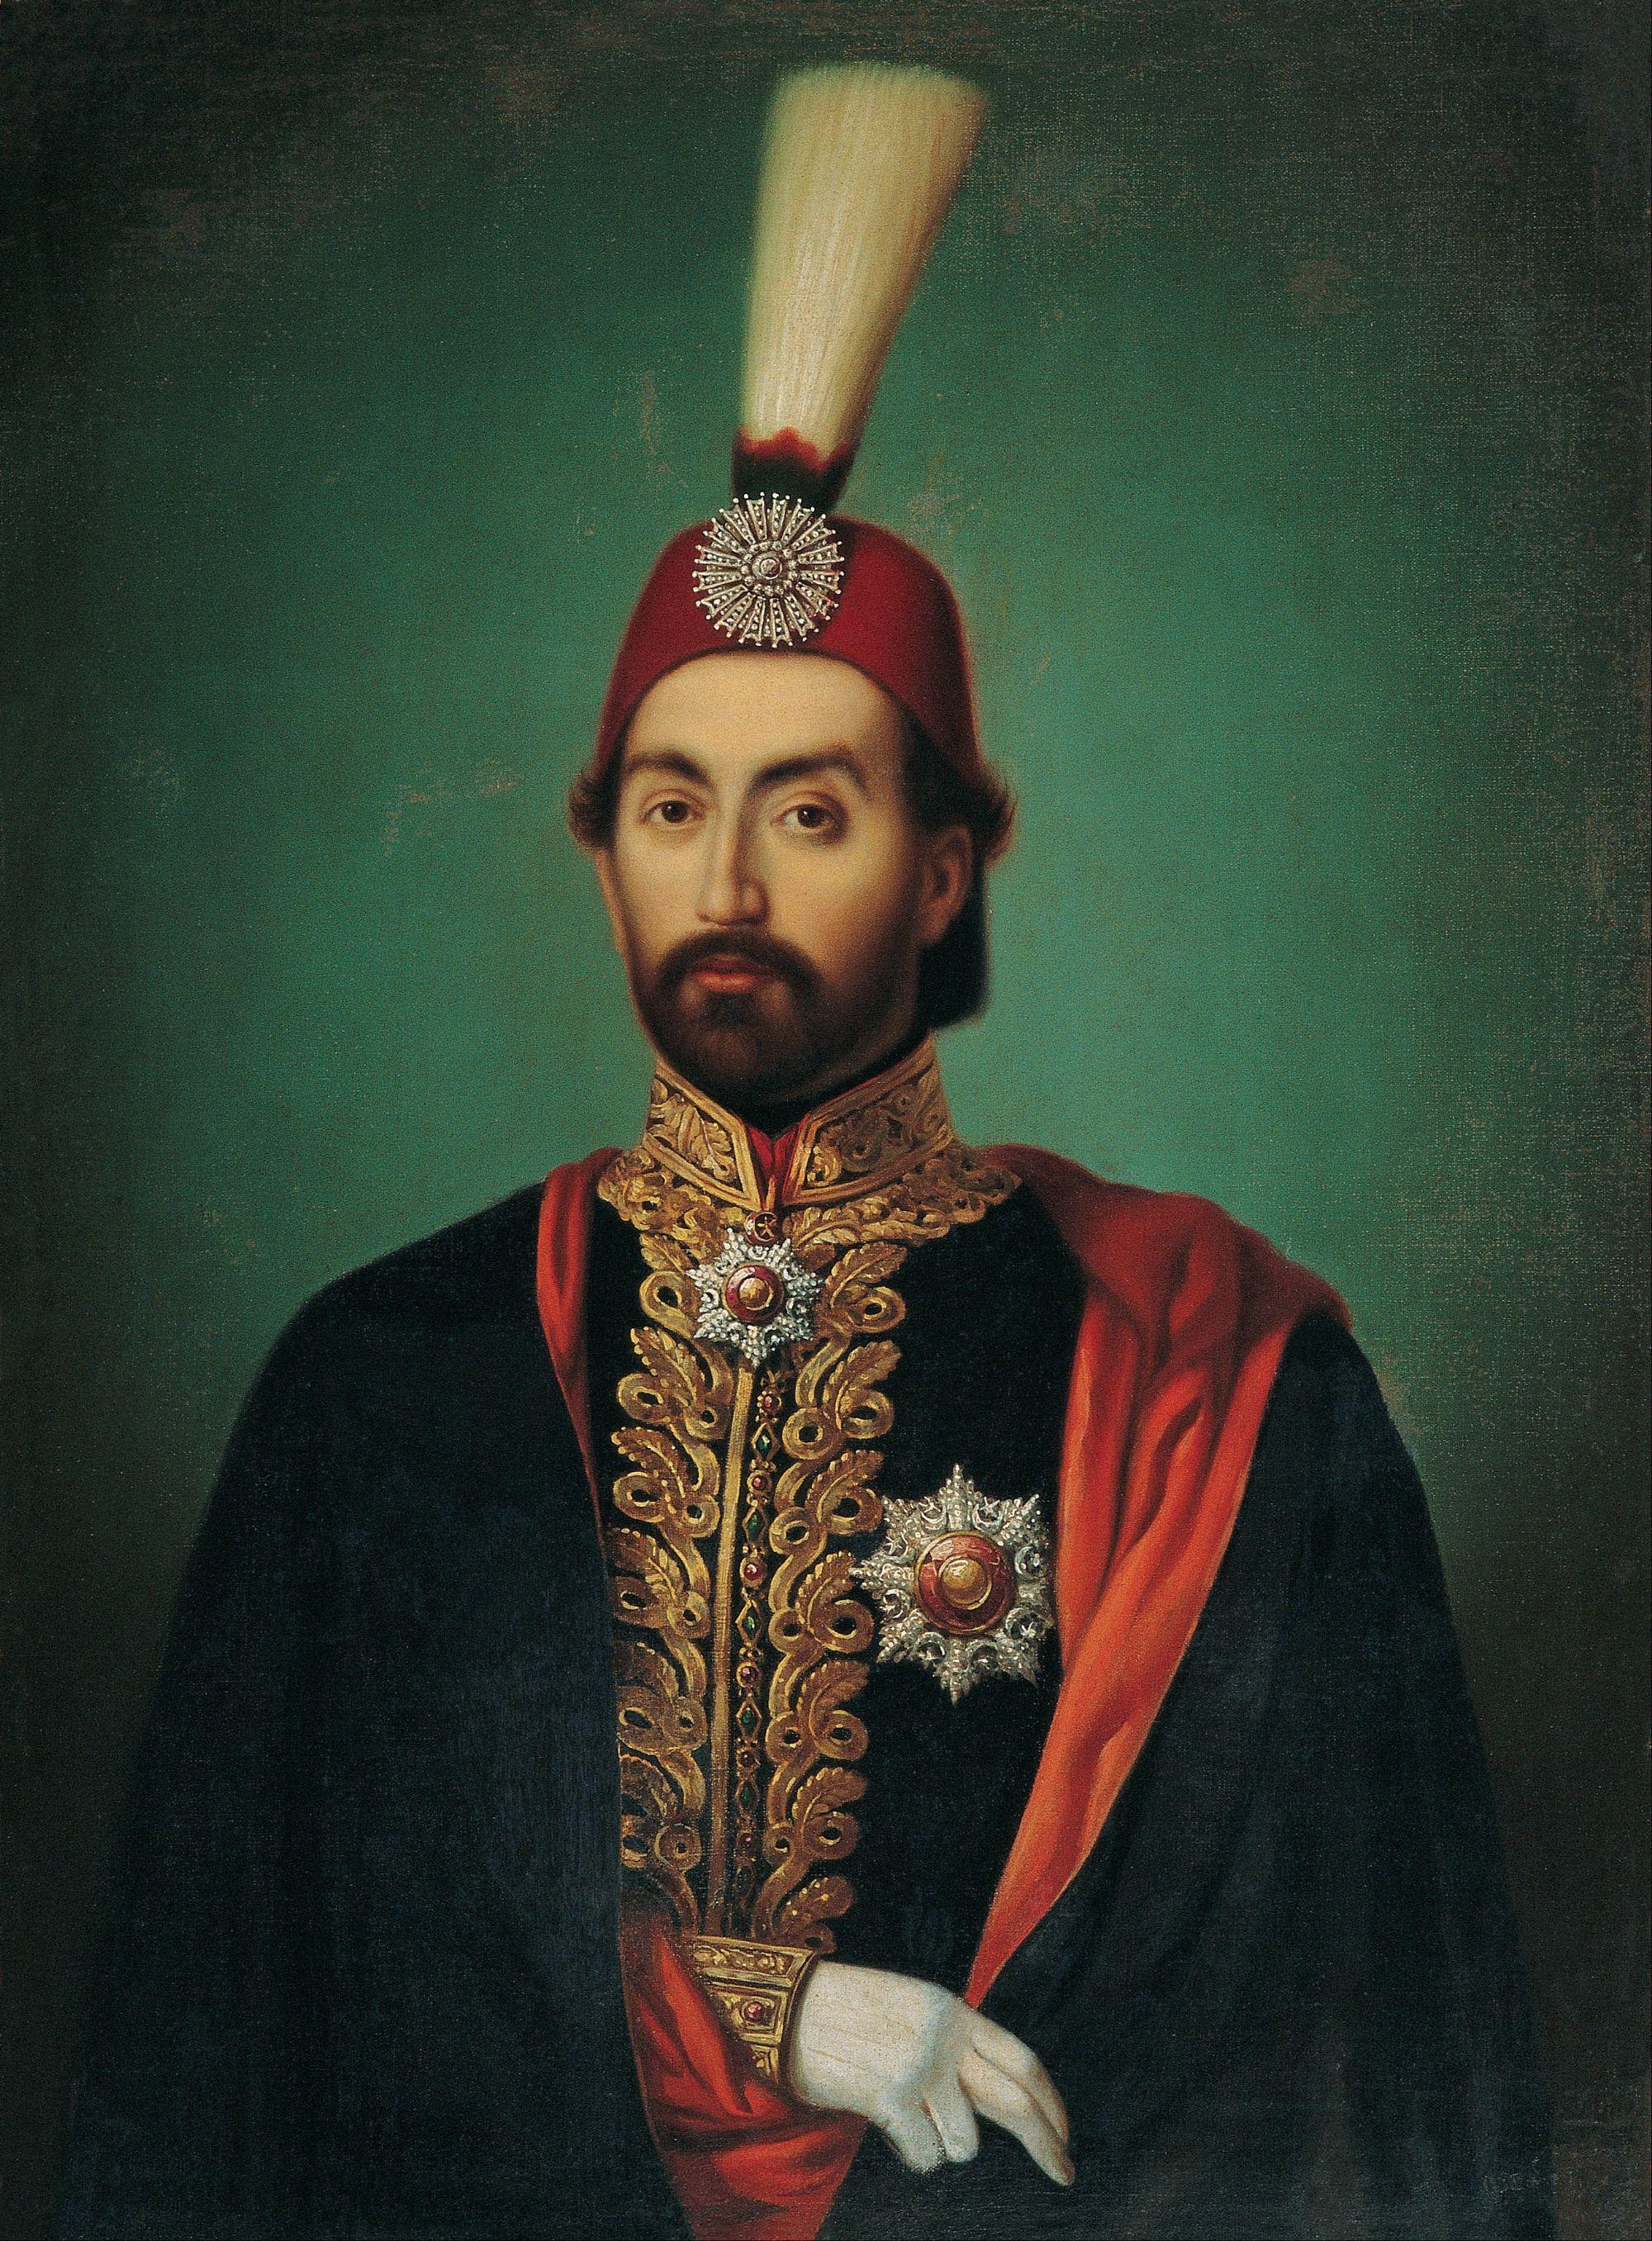 Abdulmajid I